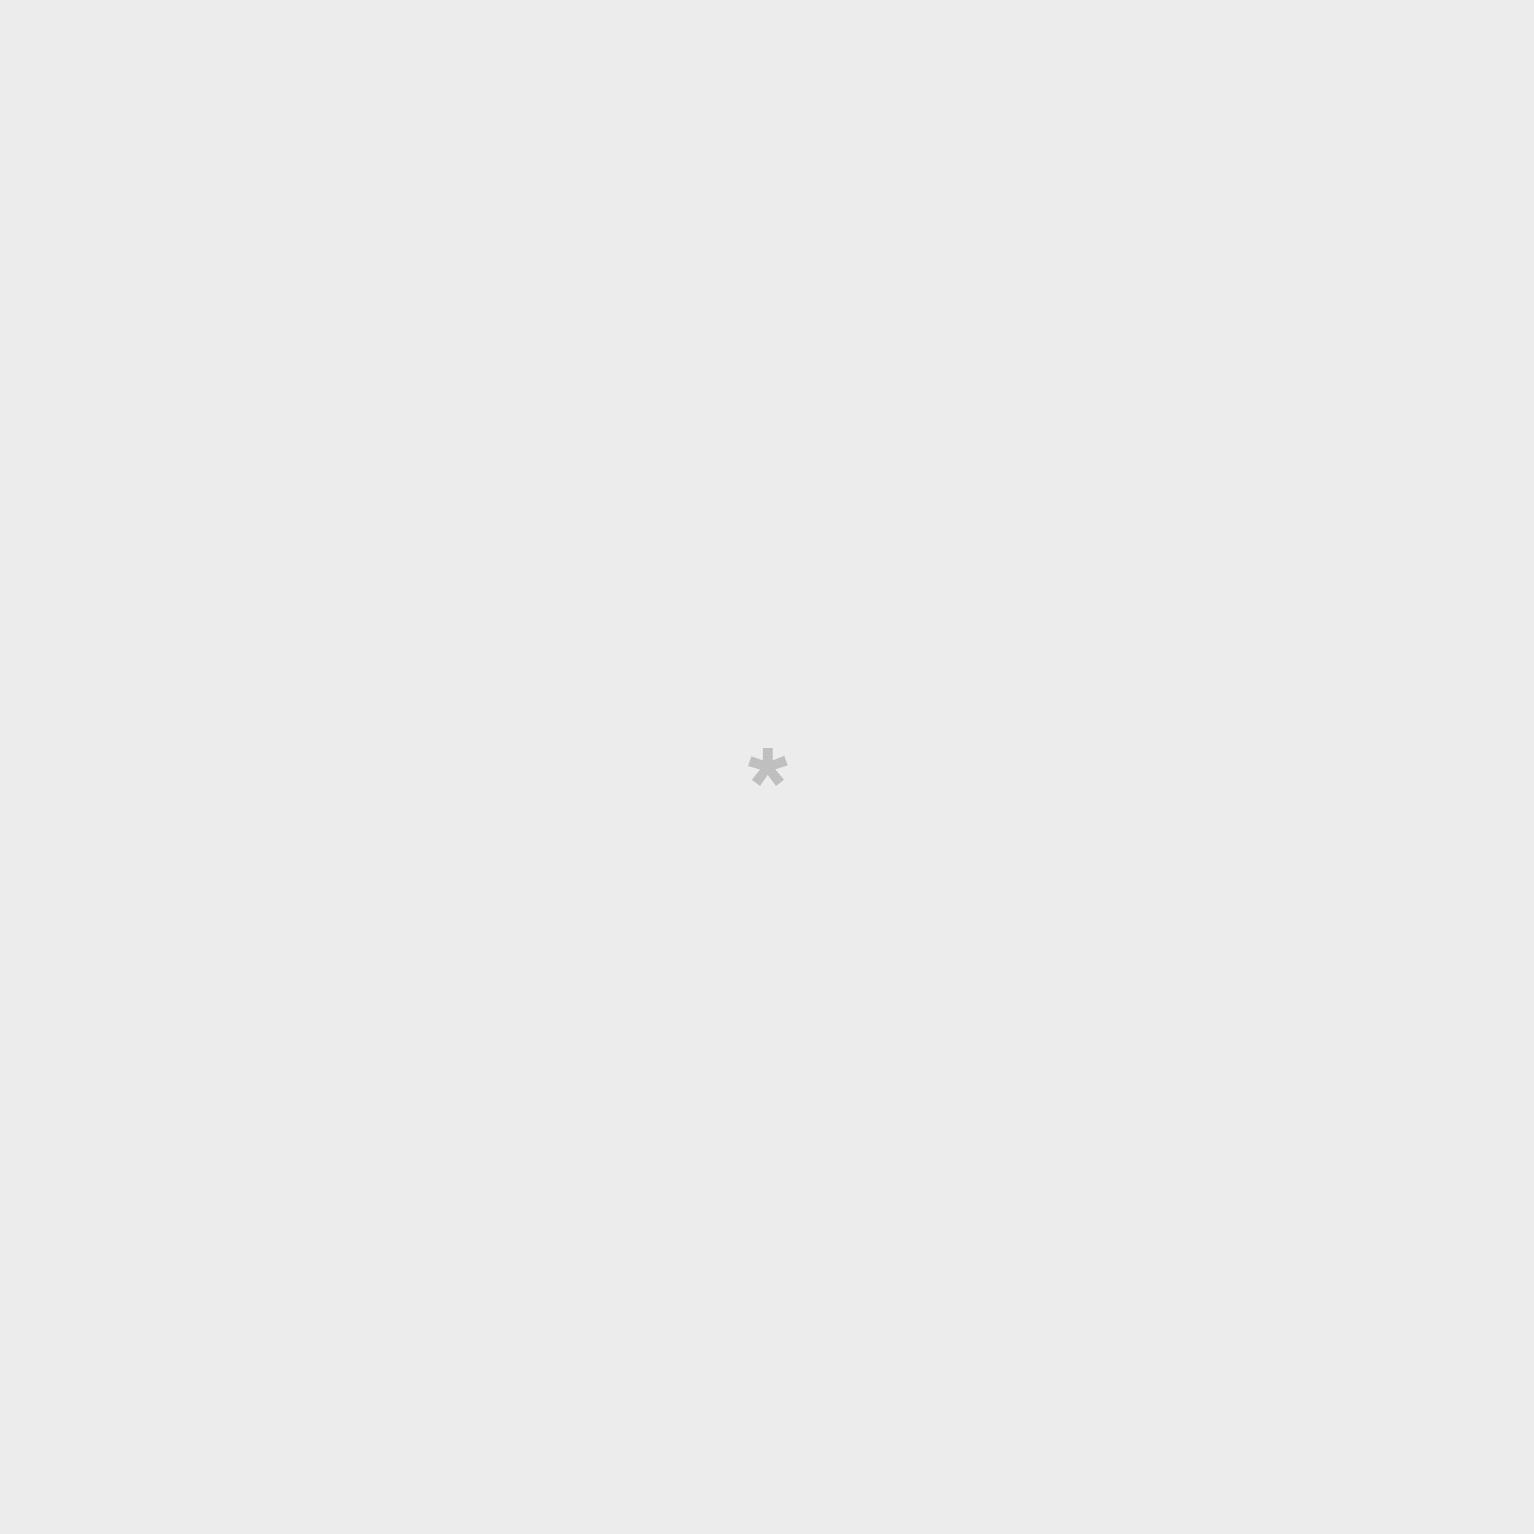 Carnet de notes adhésives pour garder les tâches à jour